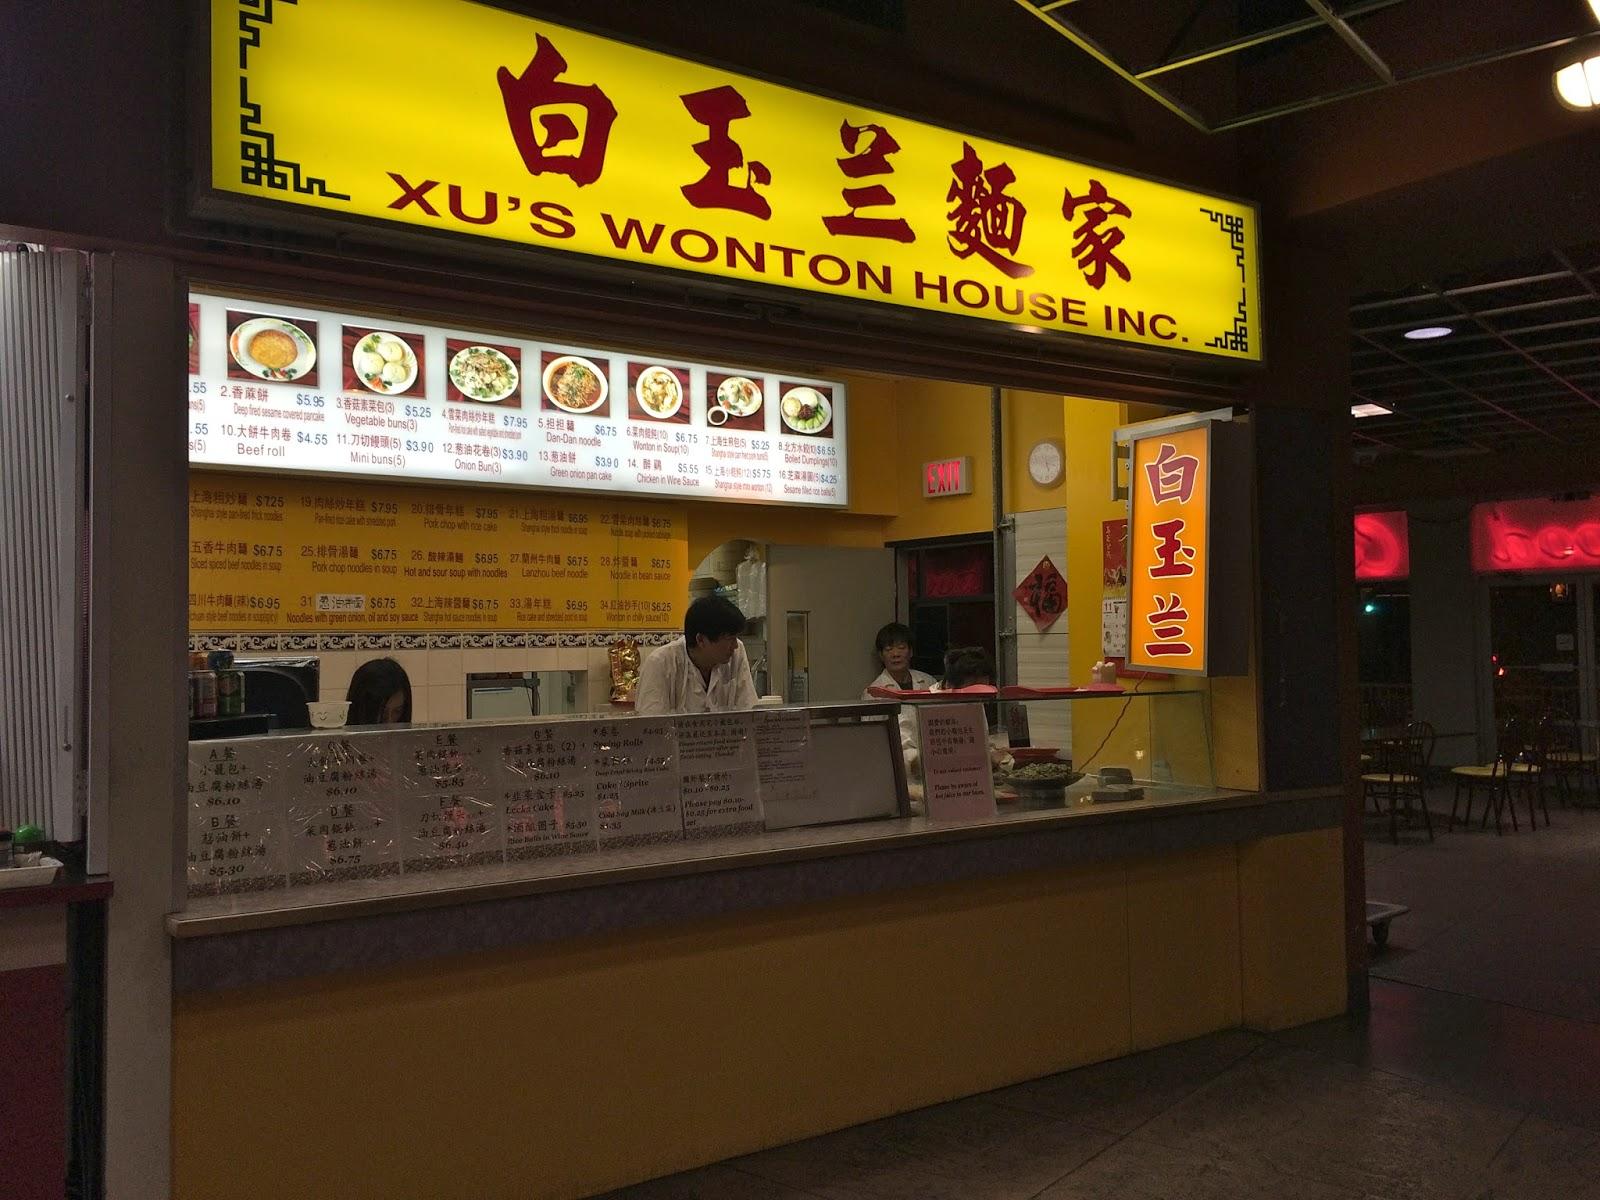 Xu\'s Wonton House 白玉蘭麵家 (2nd visit) |MISSVANCOUVERPIGGY